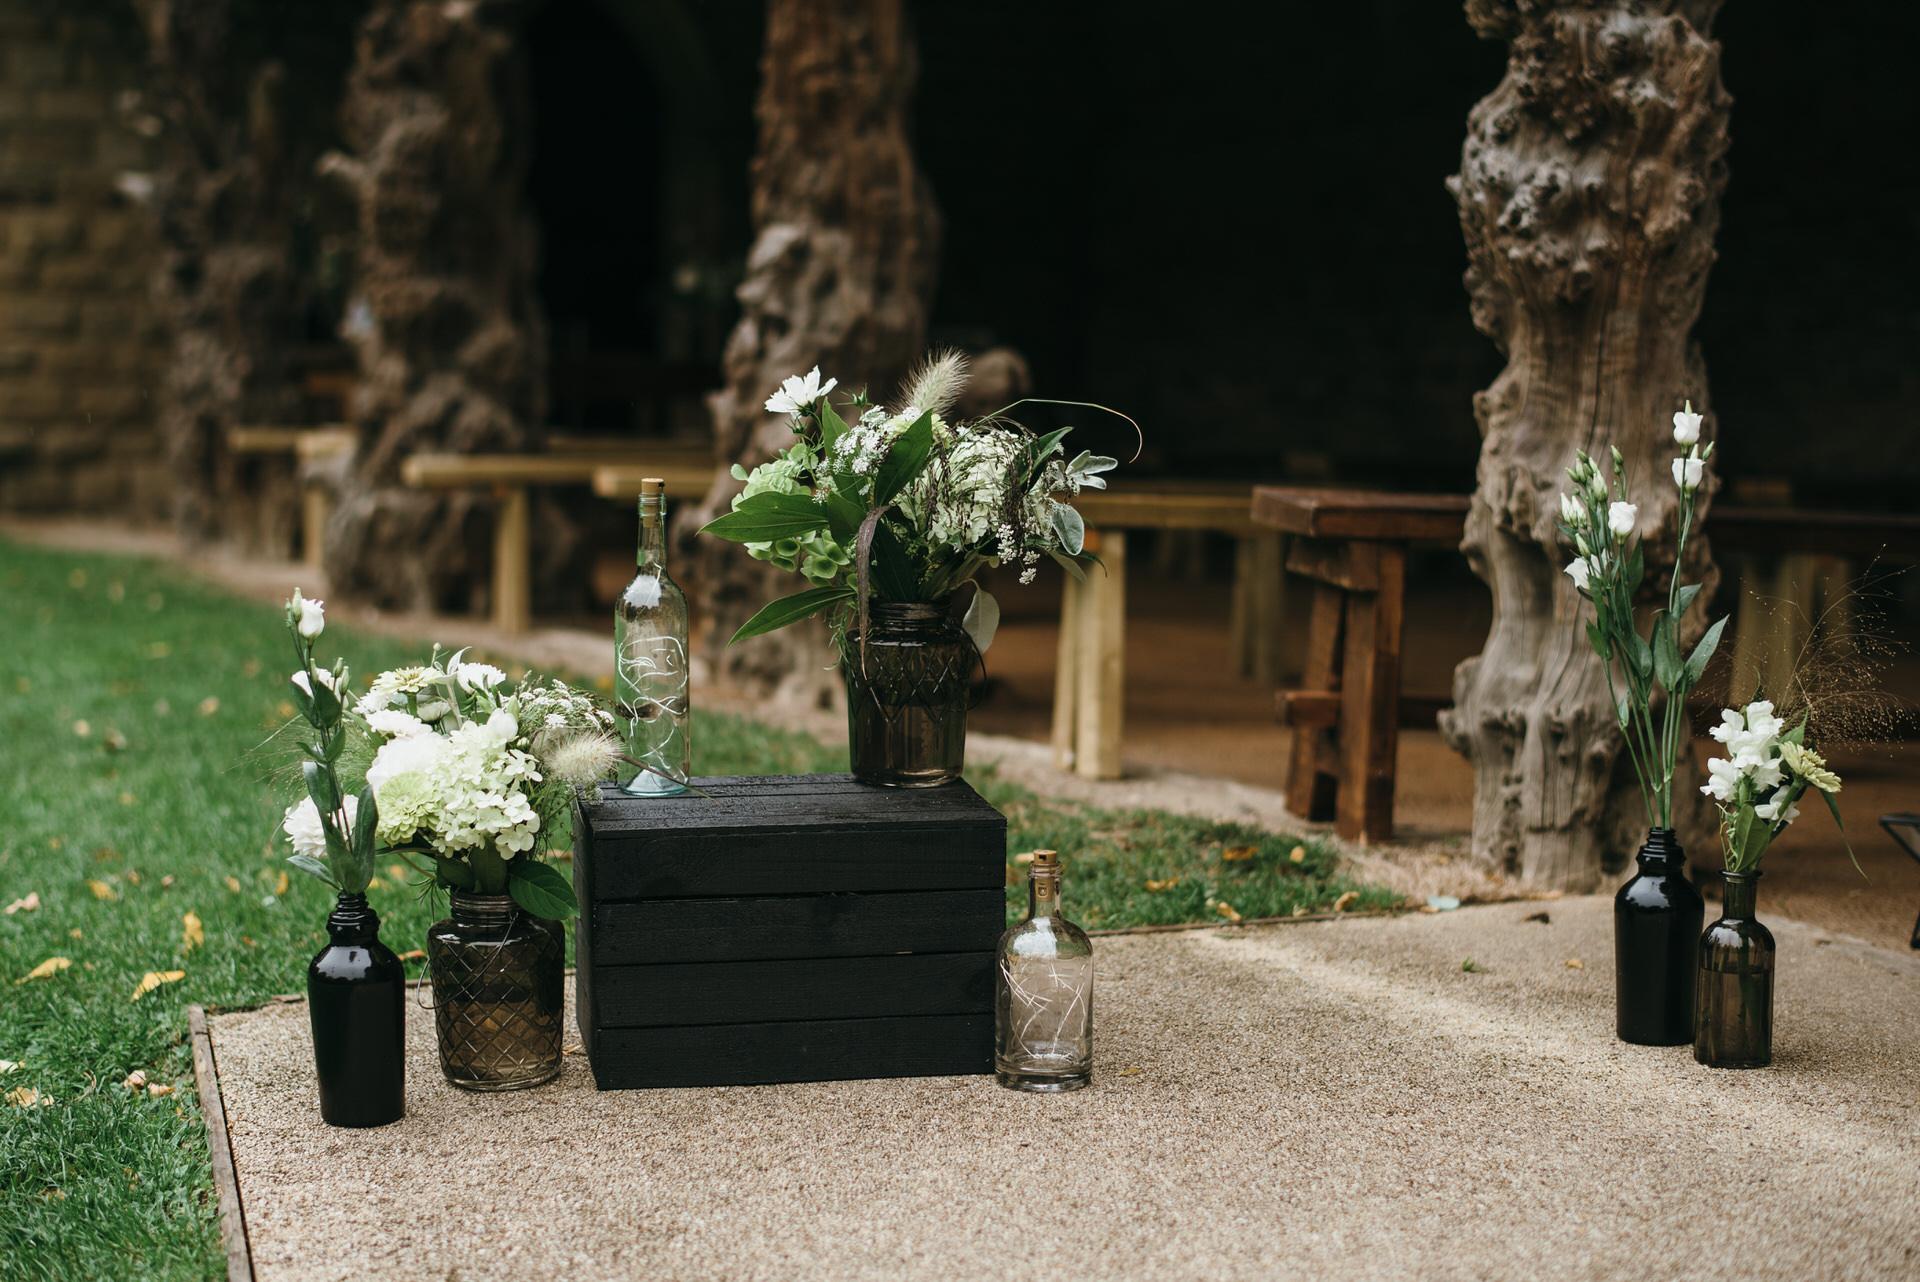 Wild flowers in vases